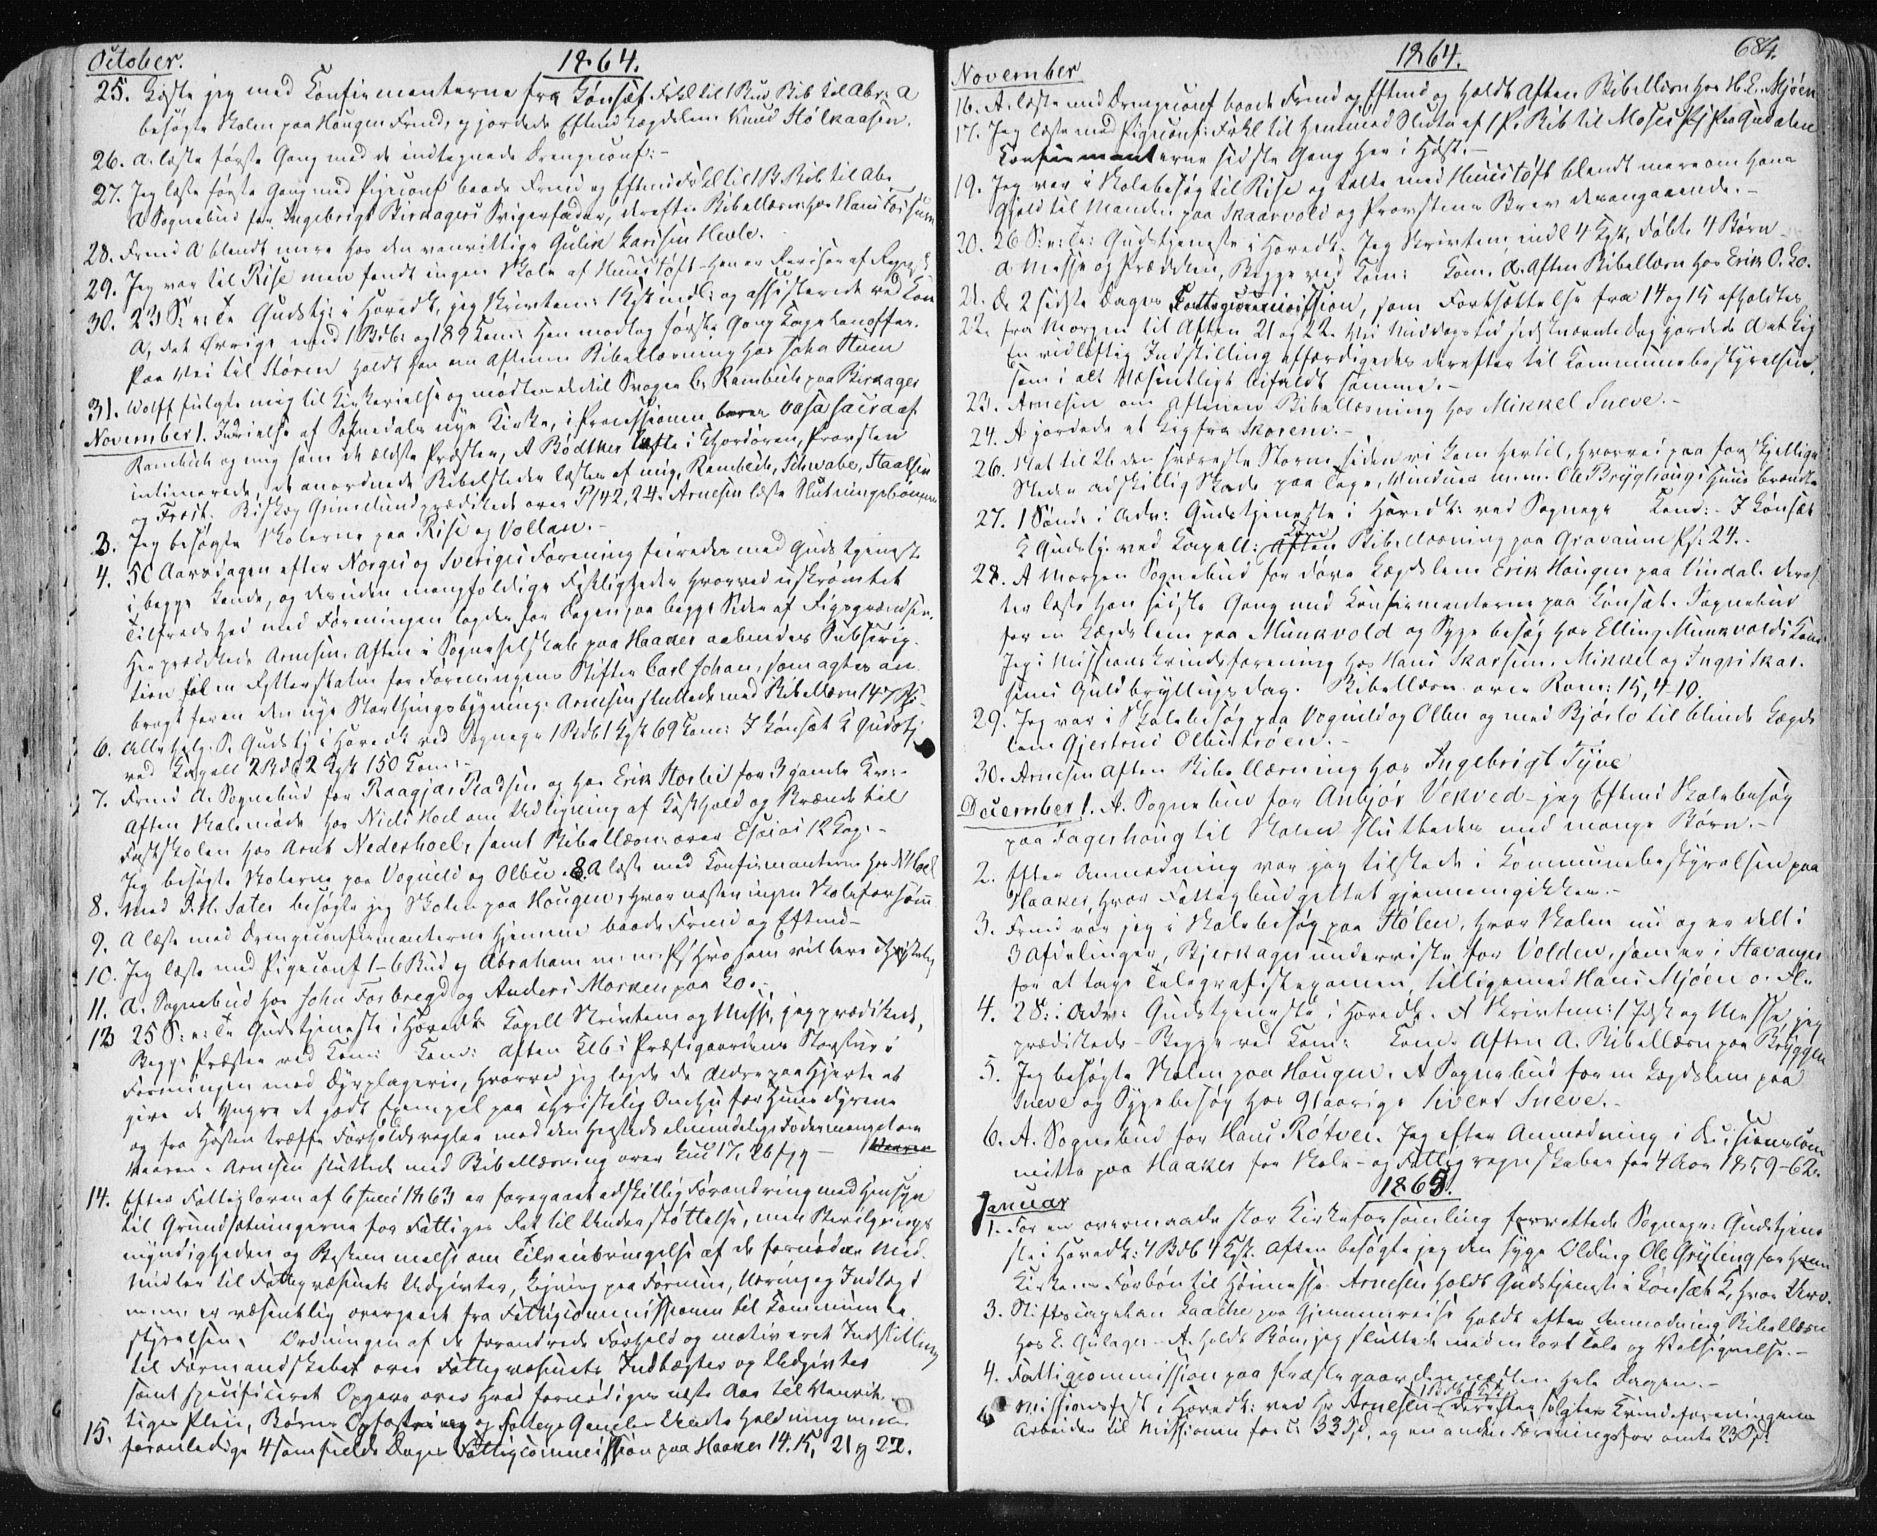 SAT, Ministerialprotokoller, klokkerbøker og fødselsregistre - Sør-Trøndelag, 678/L0899: Ministerialbok nr. 678A08, 1848-1872, s. 684